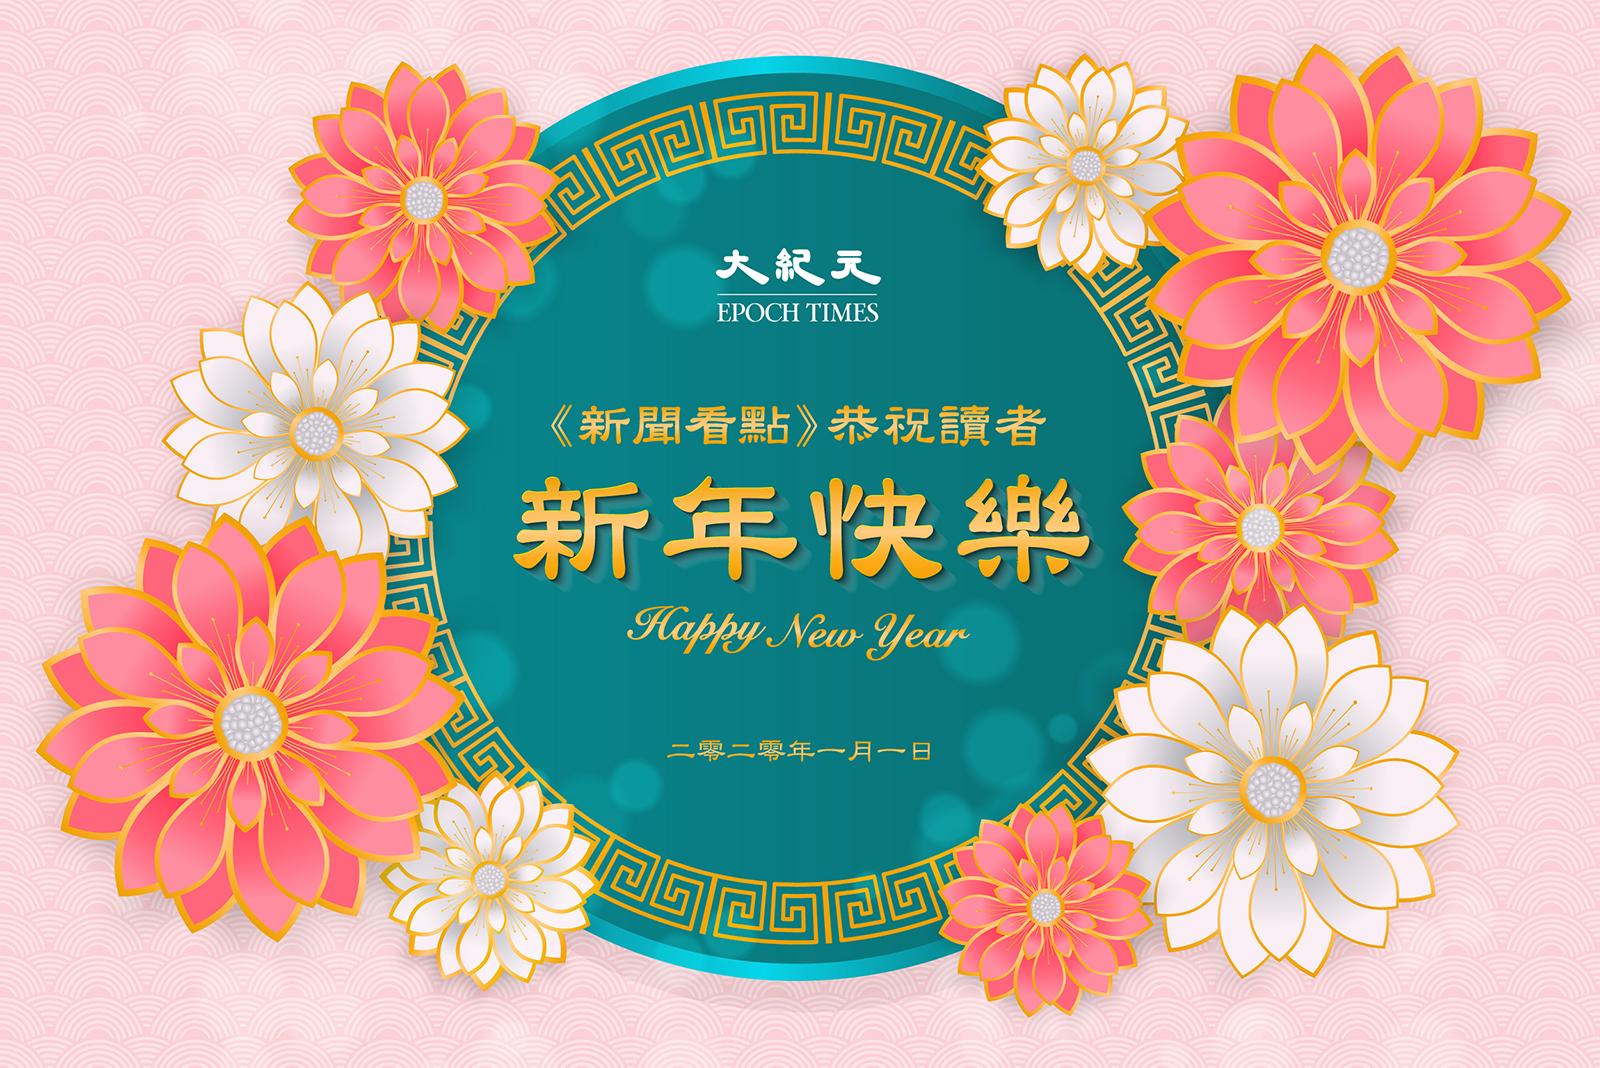 《新聞看點》所有工作人員,祝願所有的朋友以及您的家人身康體健,事事如意。特別祝福香港同胞,早日驅走紅魔。(大紀元)